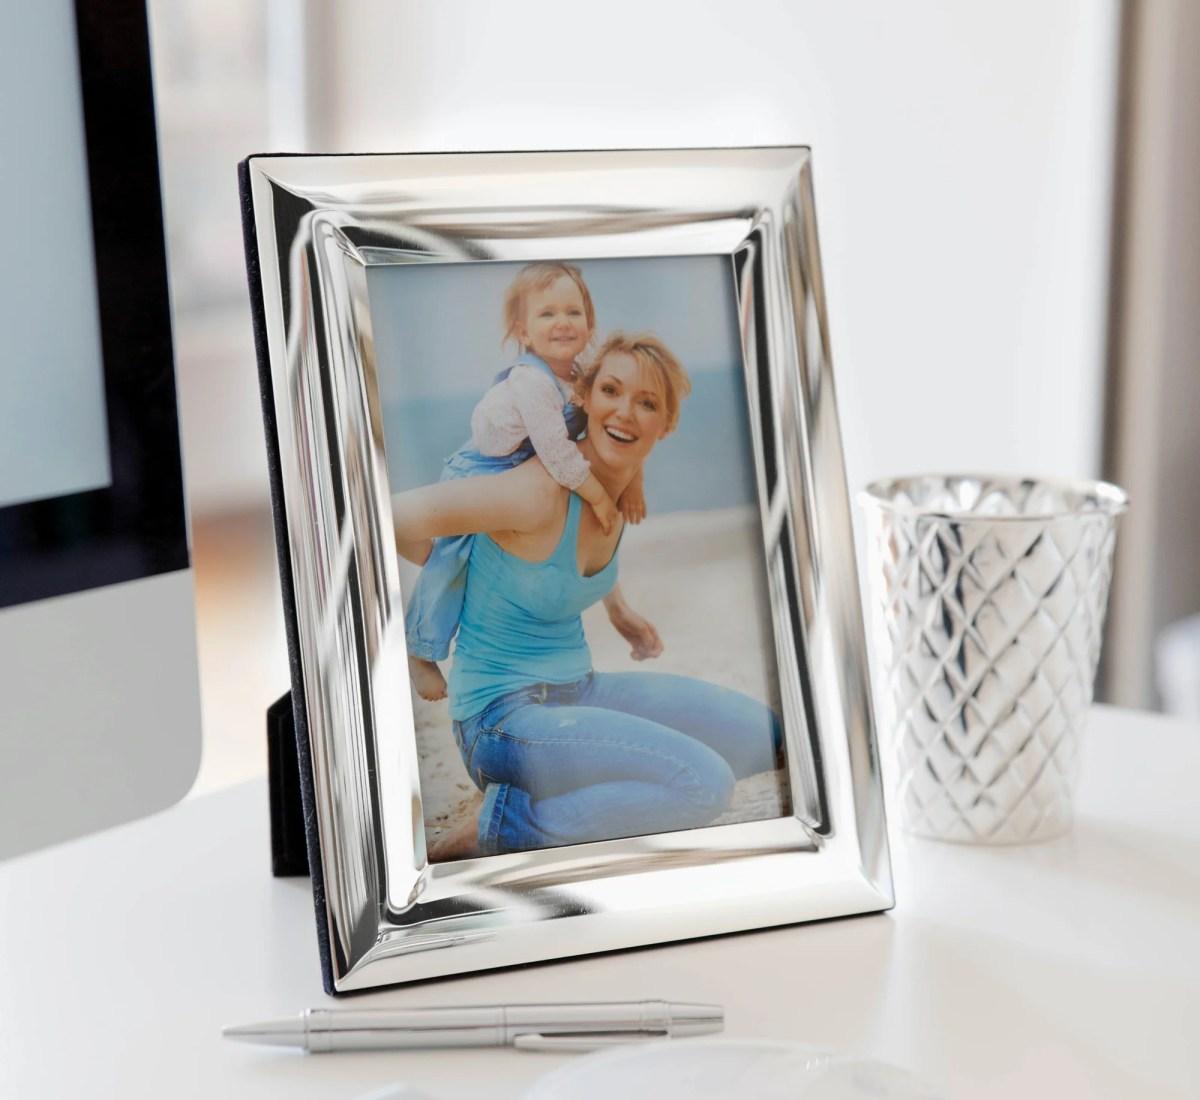 4788 Fotorahmen Bilderrahmen Gela für Foto 13 x 18 cm, edel versilbert, anlaufgeschützt, mit 2 Aufhängern